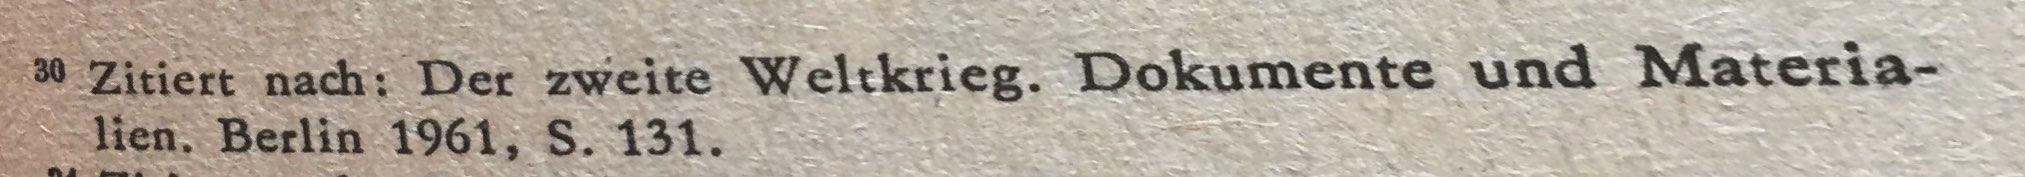 Quellenangabe Anweisung von Himmler